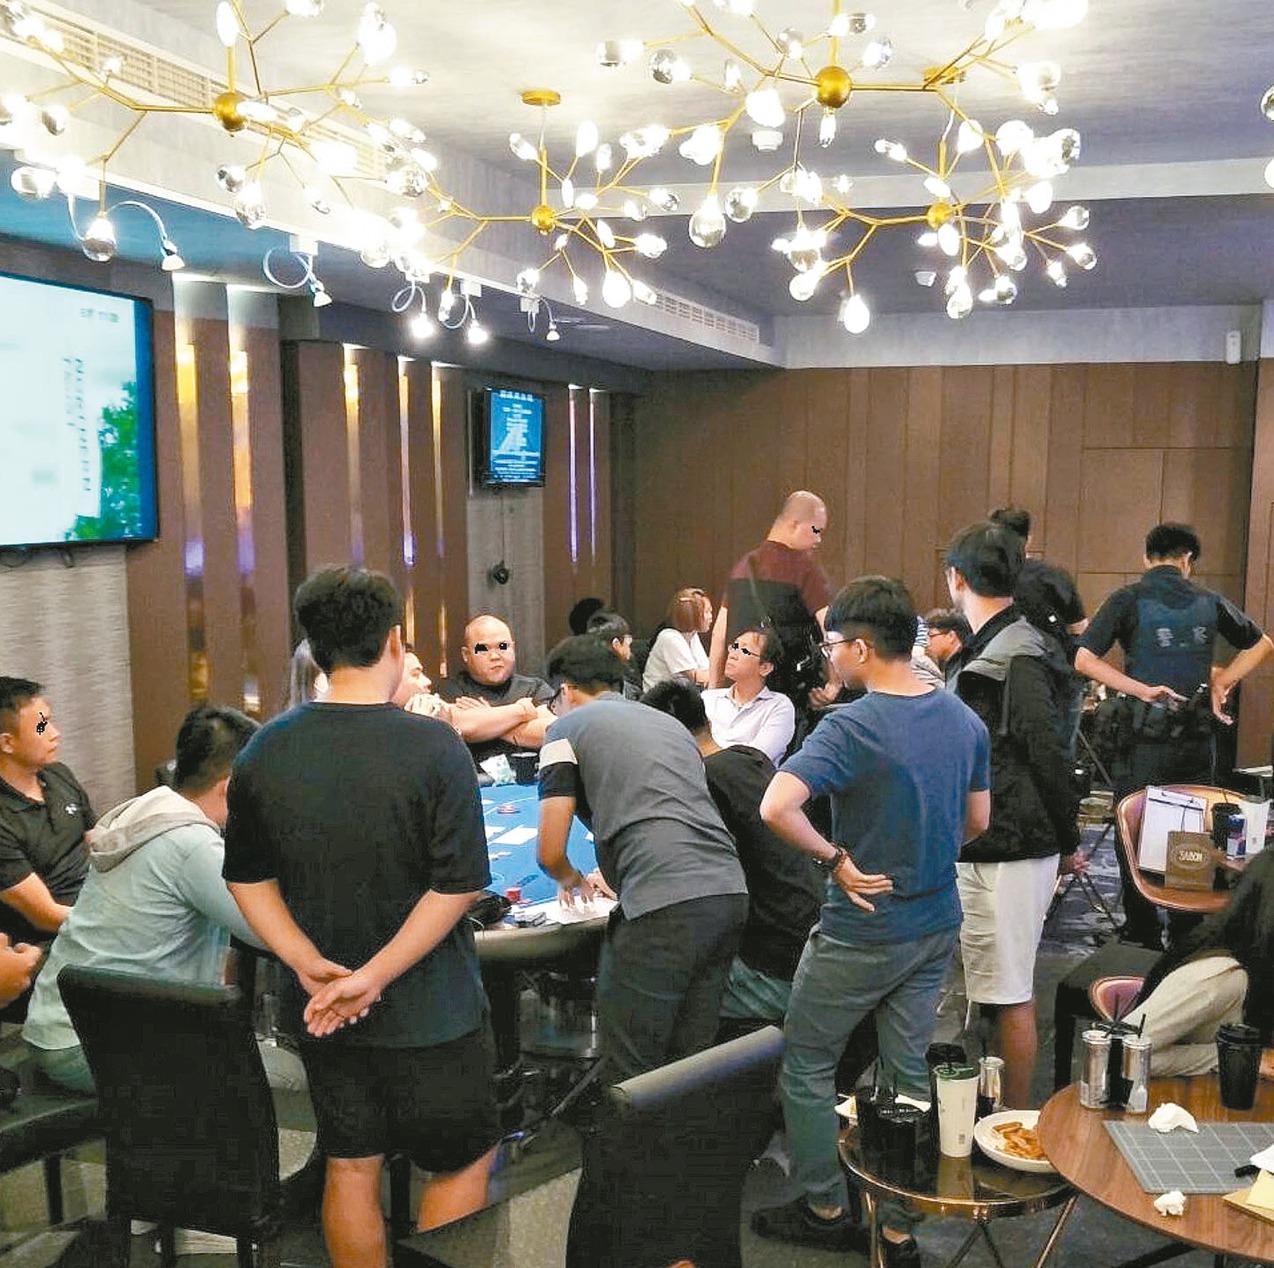 台南市的地下職業賭場設在主題餐廳內,員警形容宛如「澳門賭場」。 圖/讀者提供